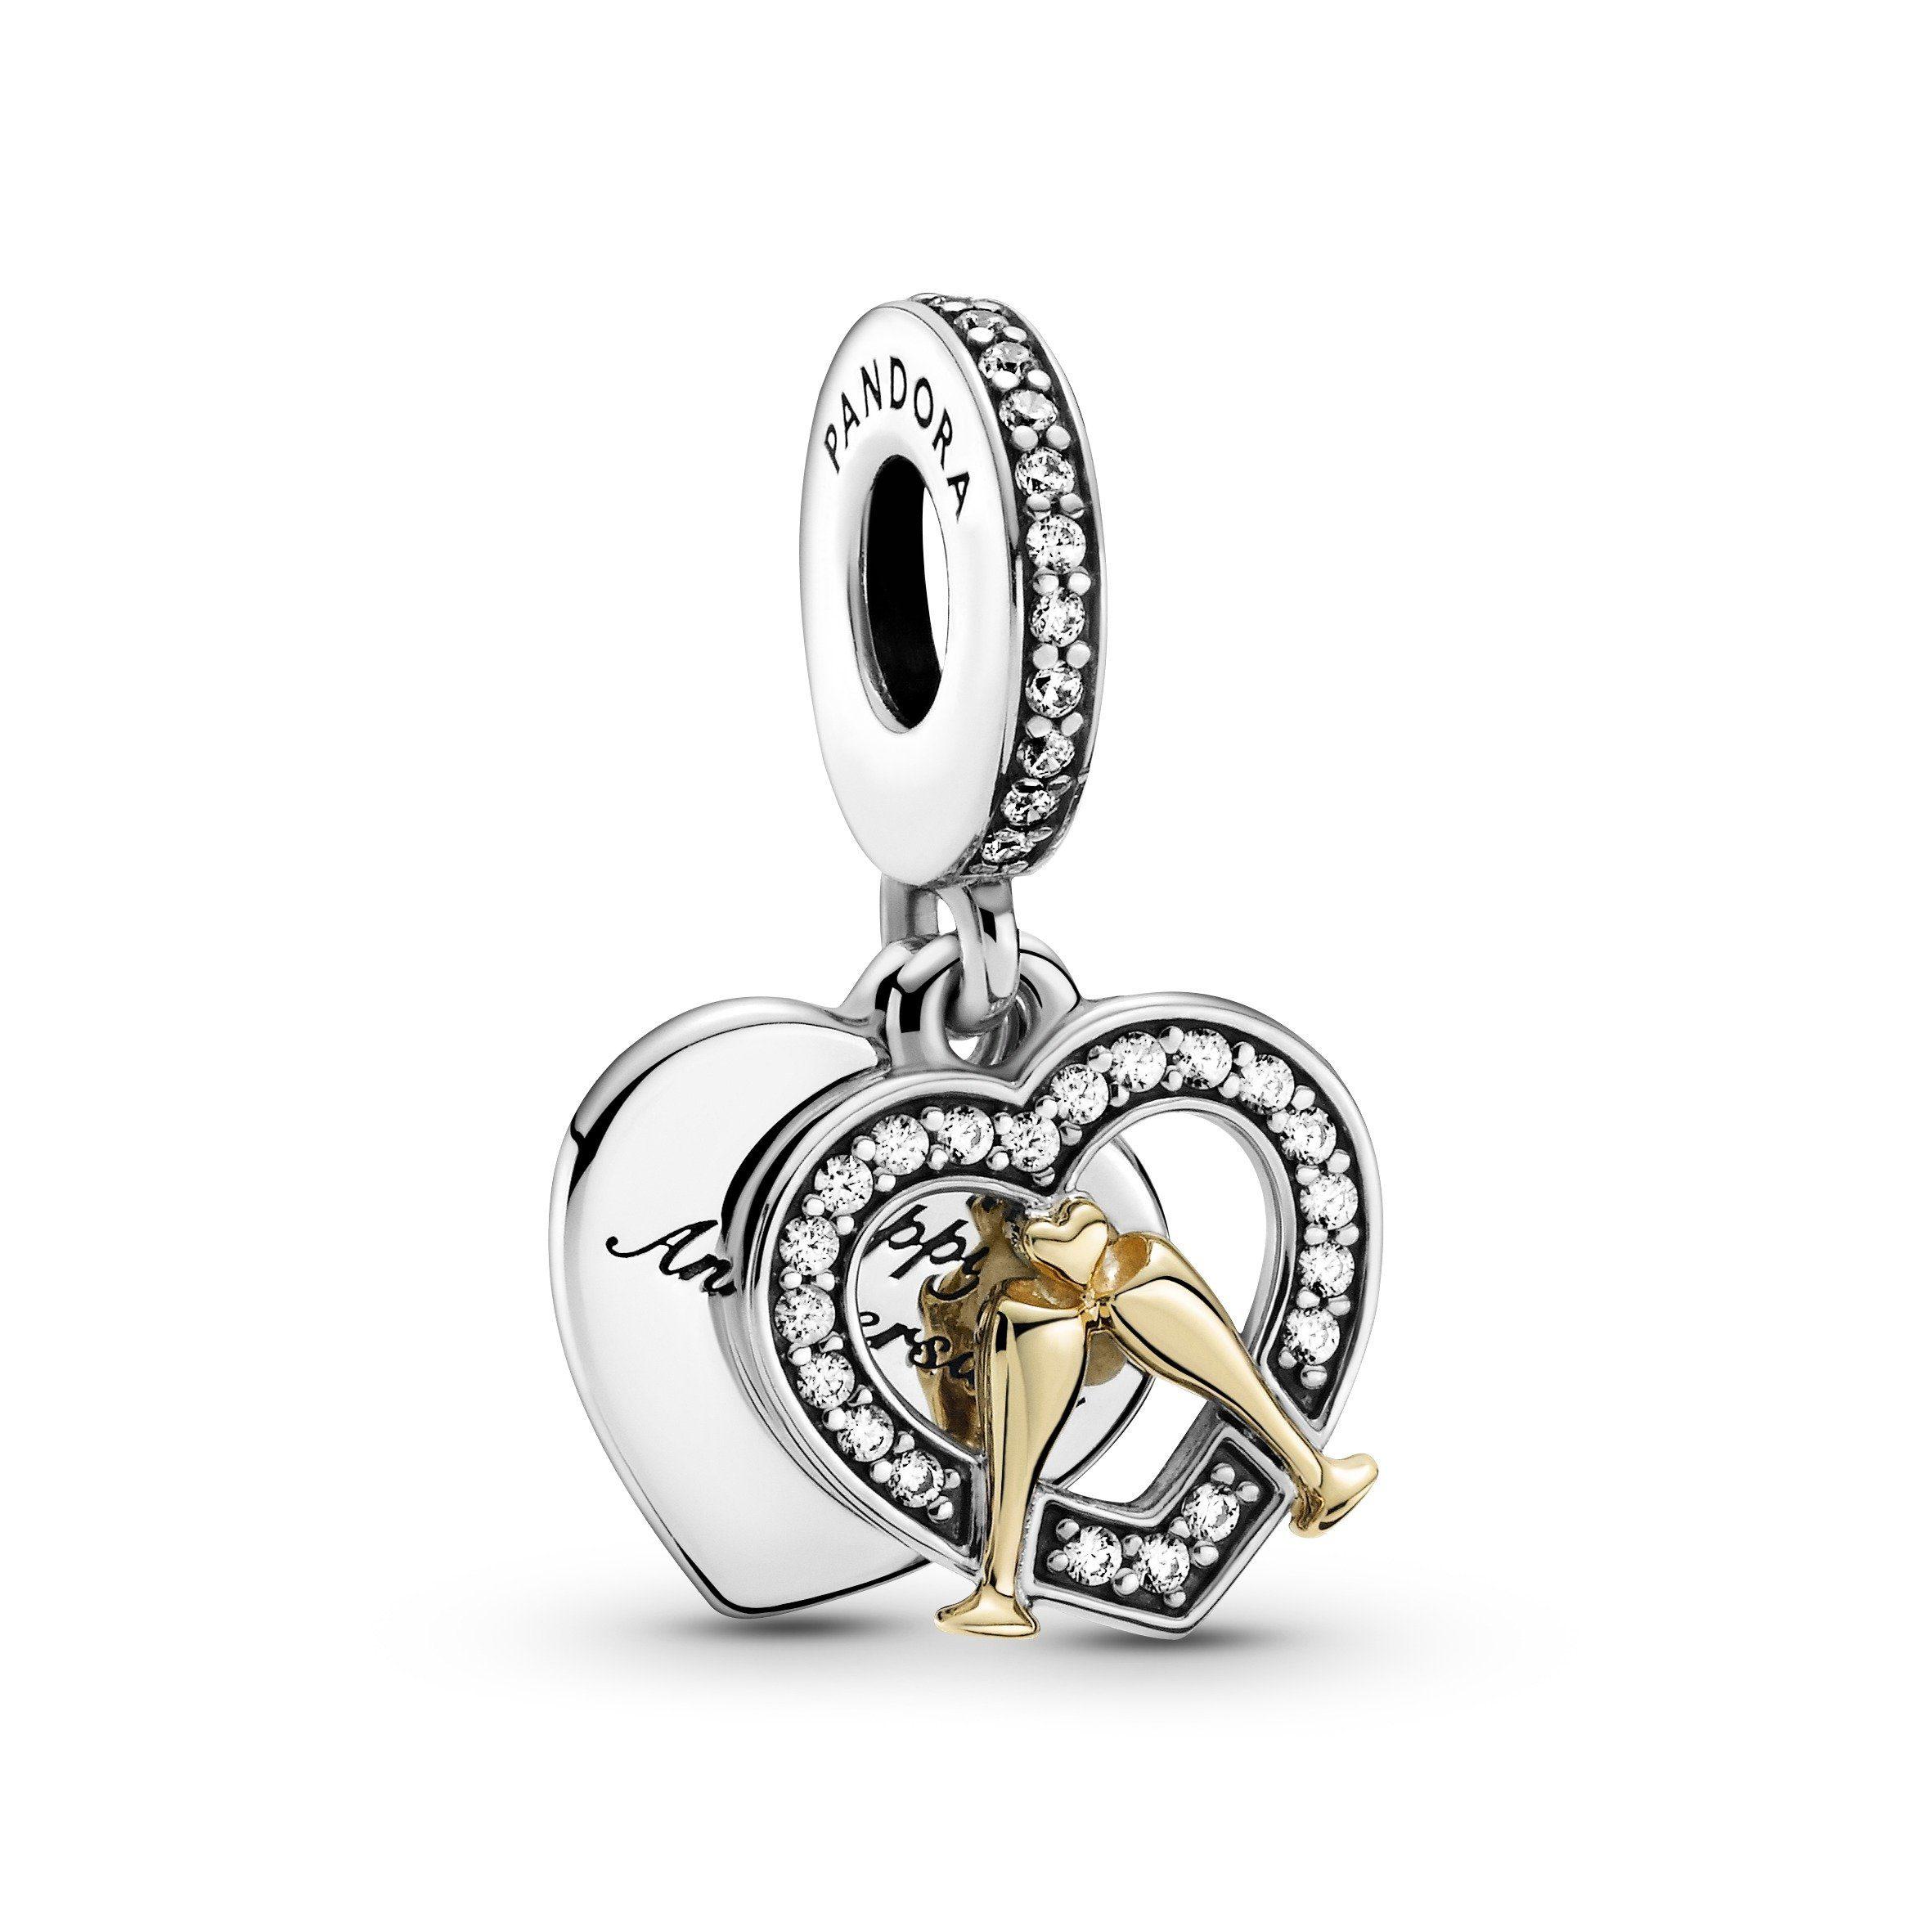 Pandora Kettenanhänger »Pandora Anhänger Silber mit 585/-Gelbgold« online  kaufen | OTTO